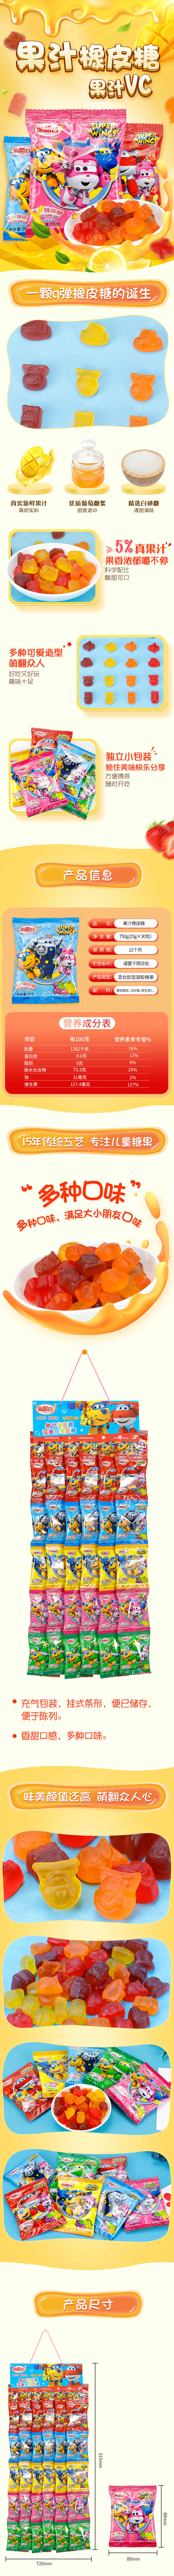 果汁橡皮糖详情页